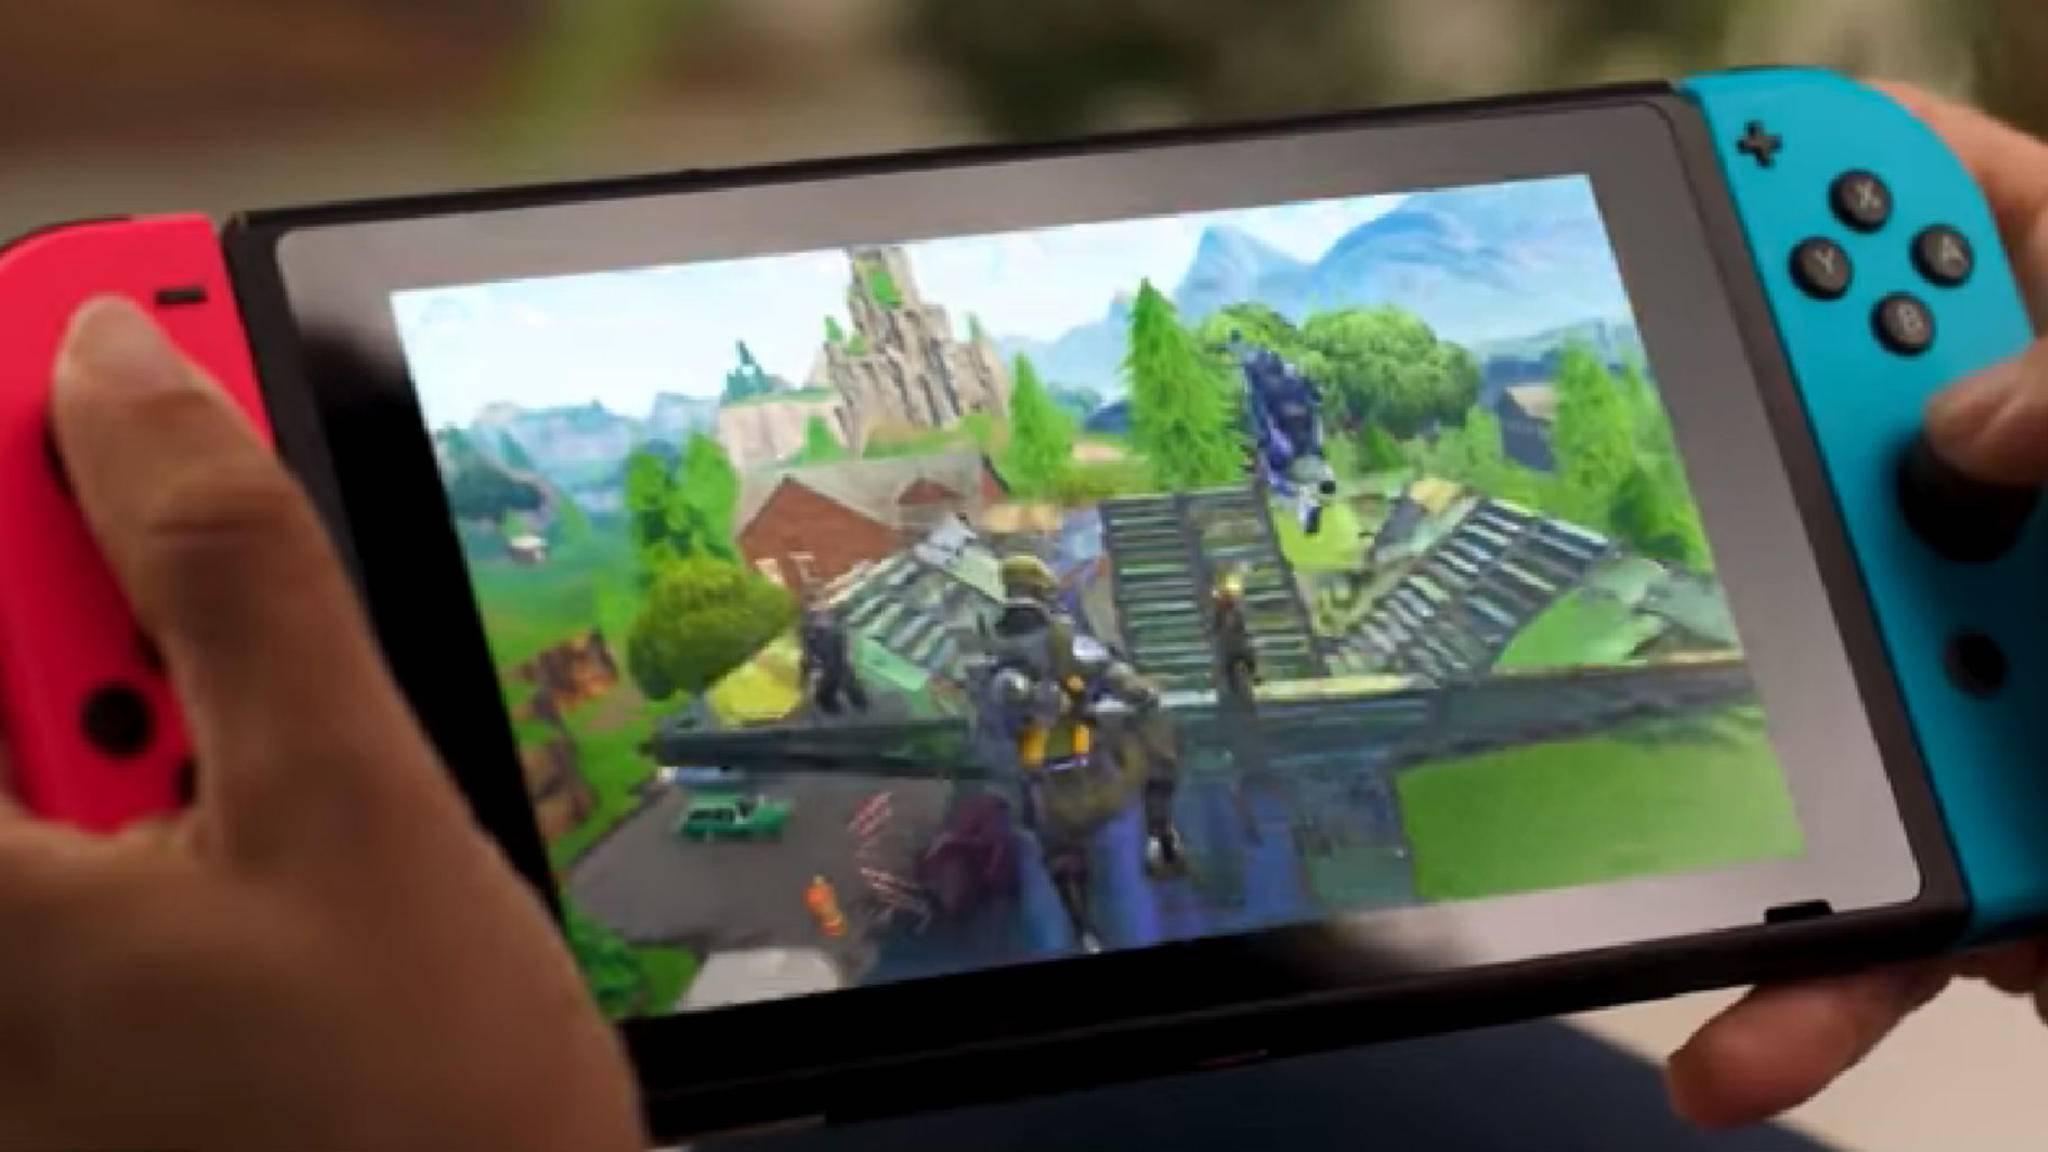 """Der Release von """"Fortnite"""" auf der Switch hatte die Diskussion um Crossplay neu entfacht – werden sich Sony und Nintendo doch noch einig?"""